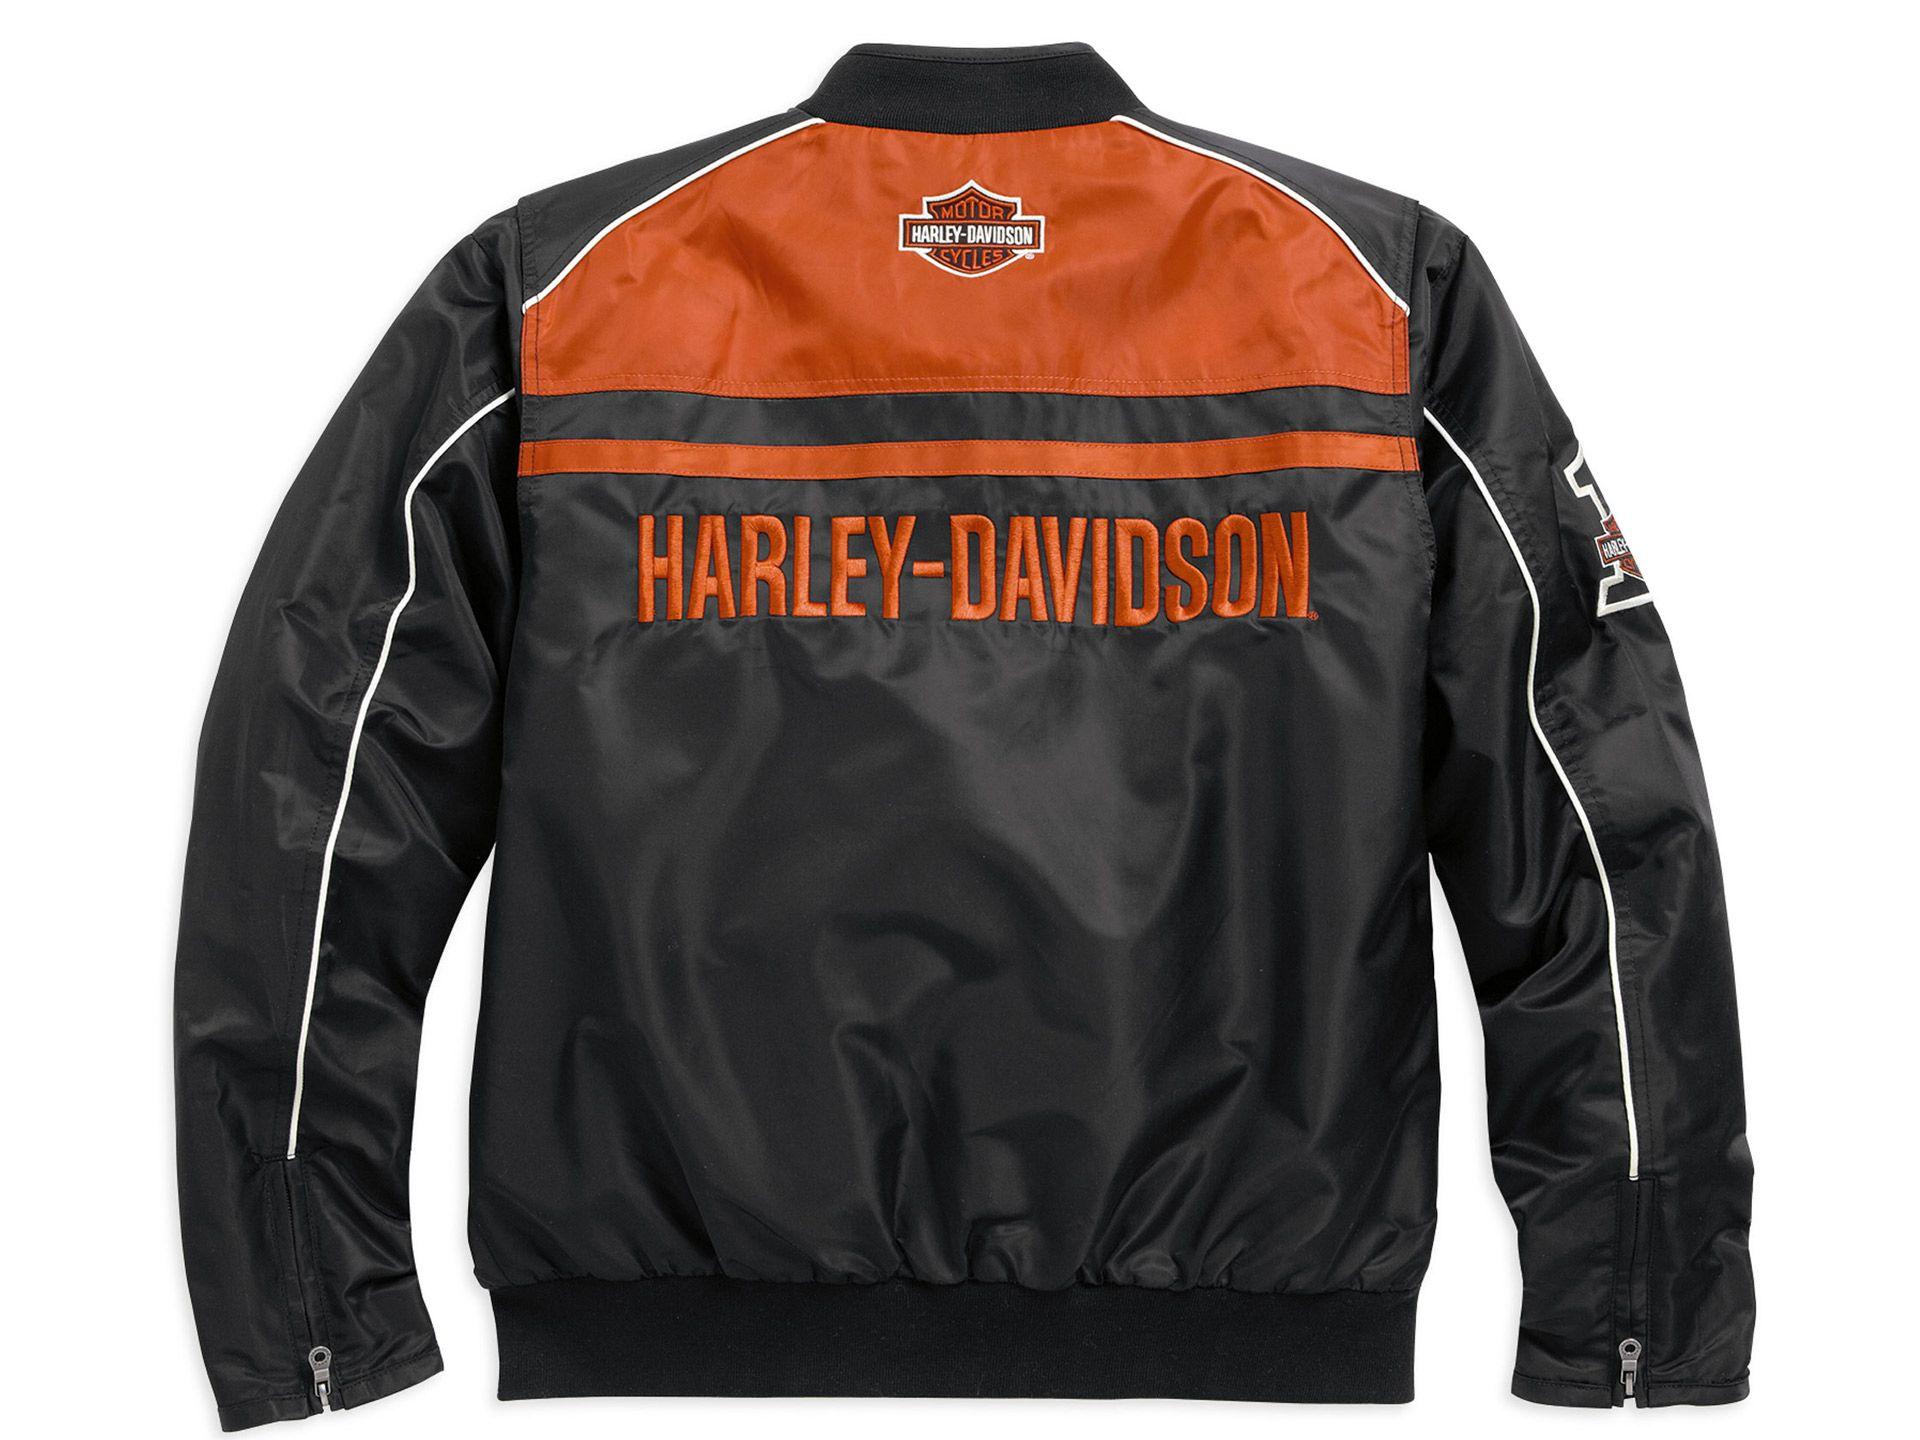 98553 15vm harley davidson nylon jacket moto ride at. Black Bedroom Furniture Sets. Home Design Ideas